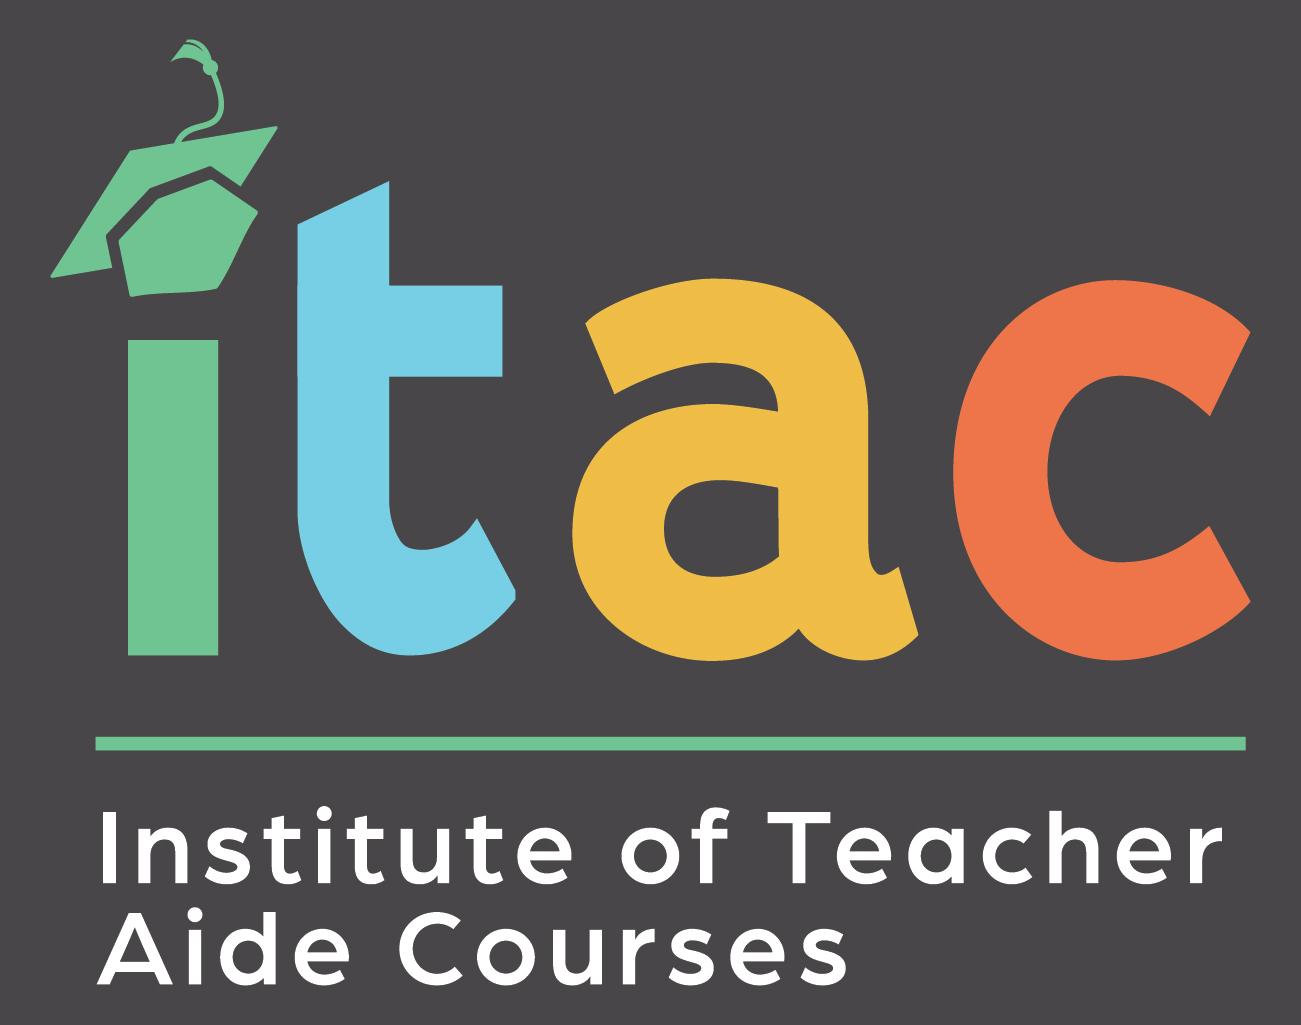 ITAC logo